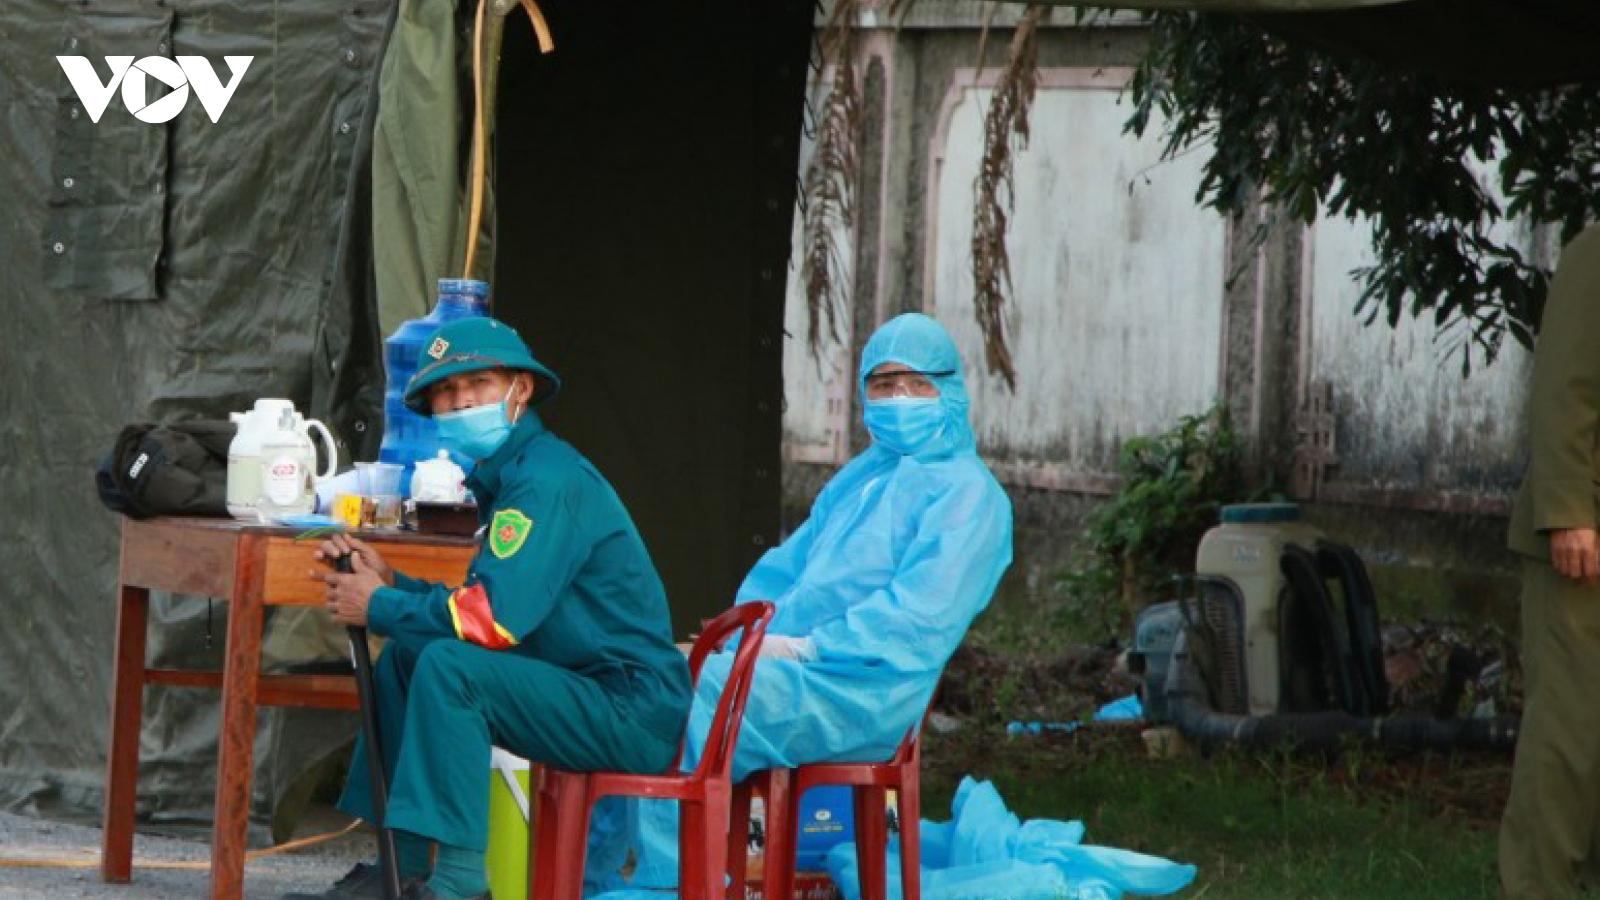 Chiều 29/4, Việt Nam có 45 ca mắc COVID-19, trong đó 6 ca trong cộng đồng